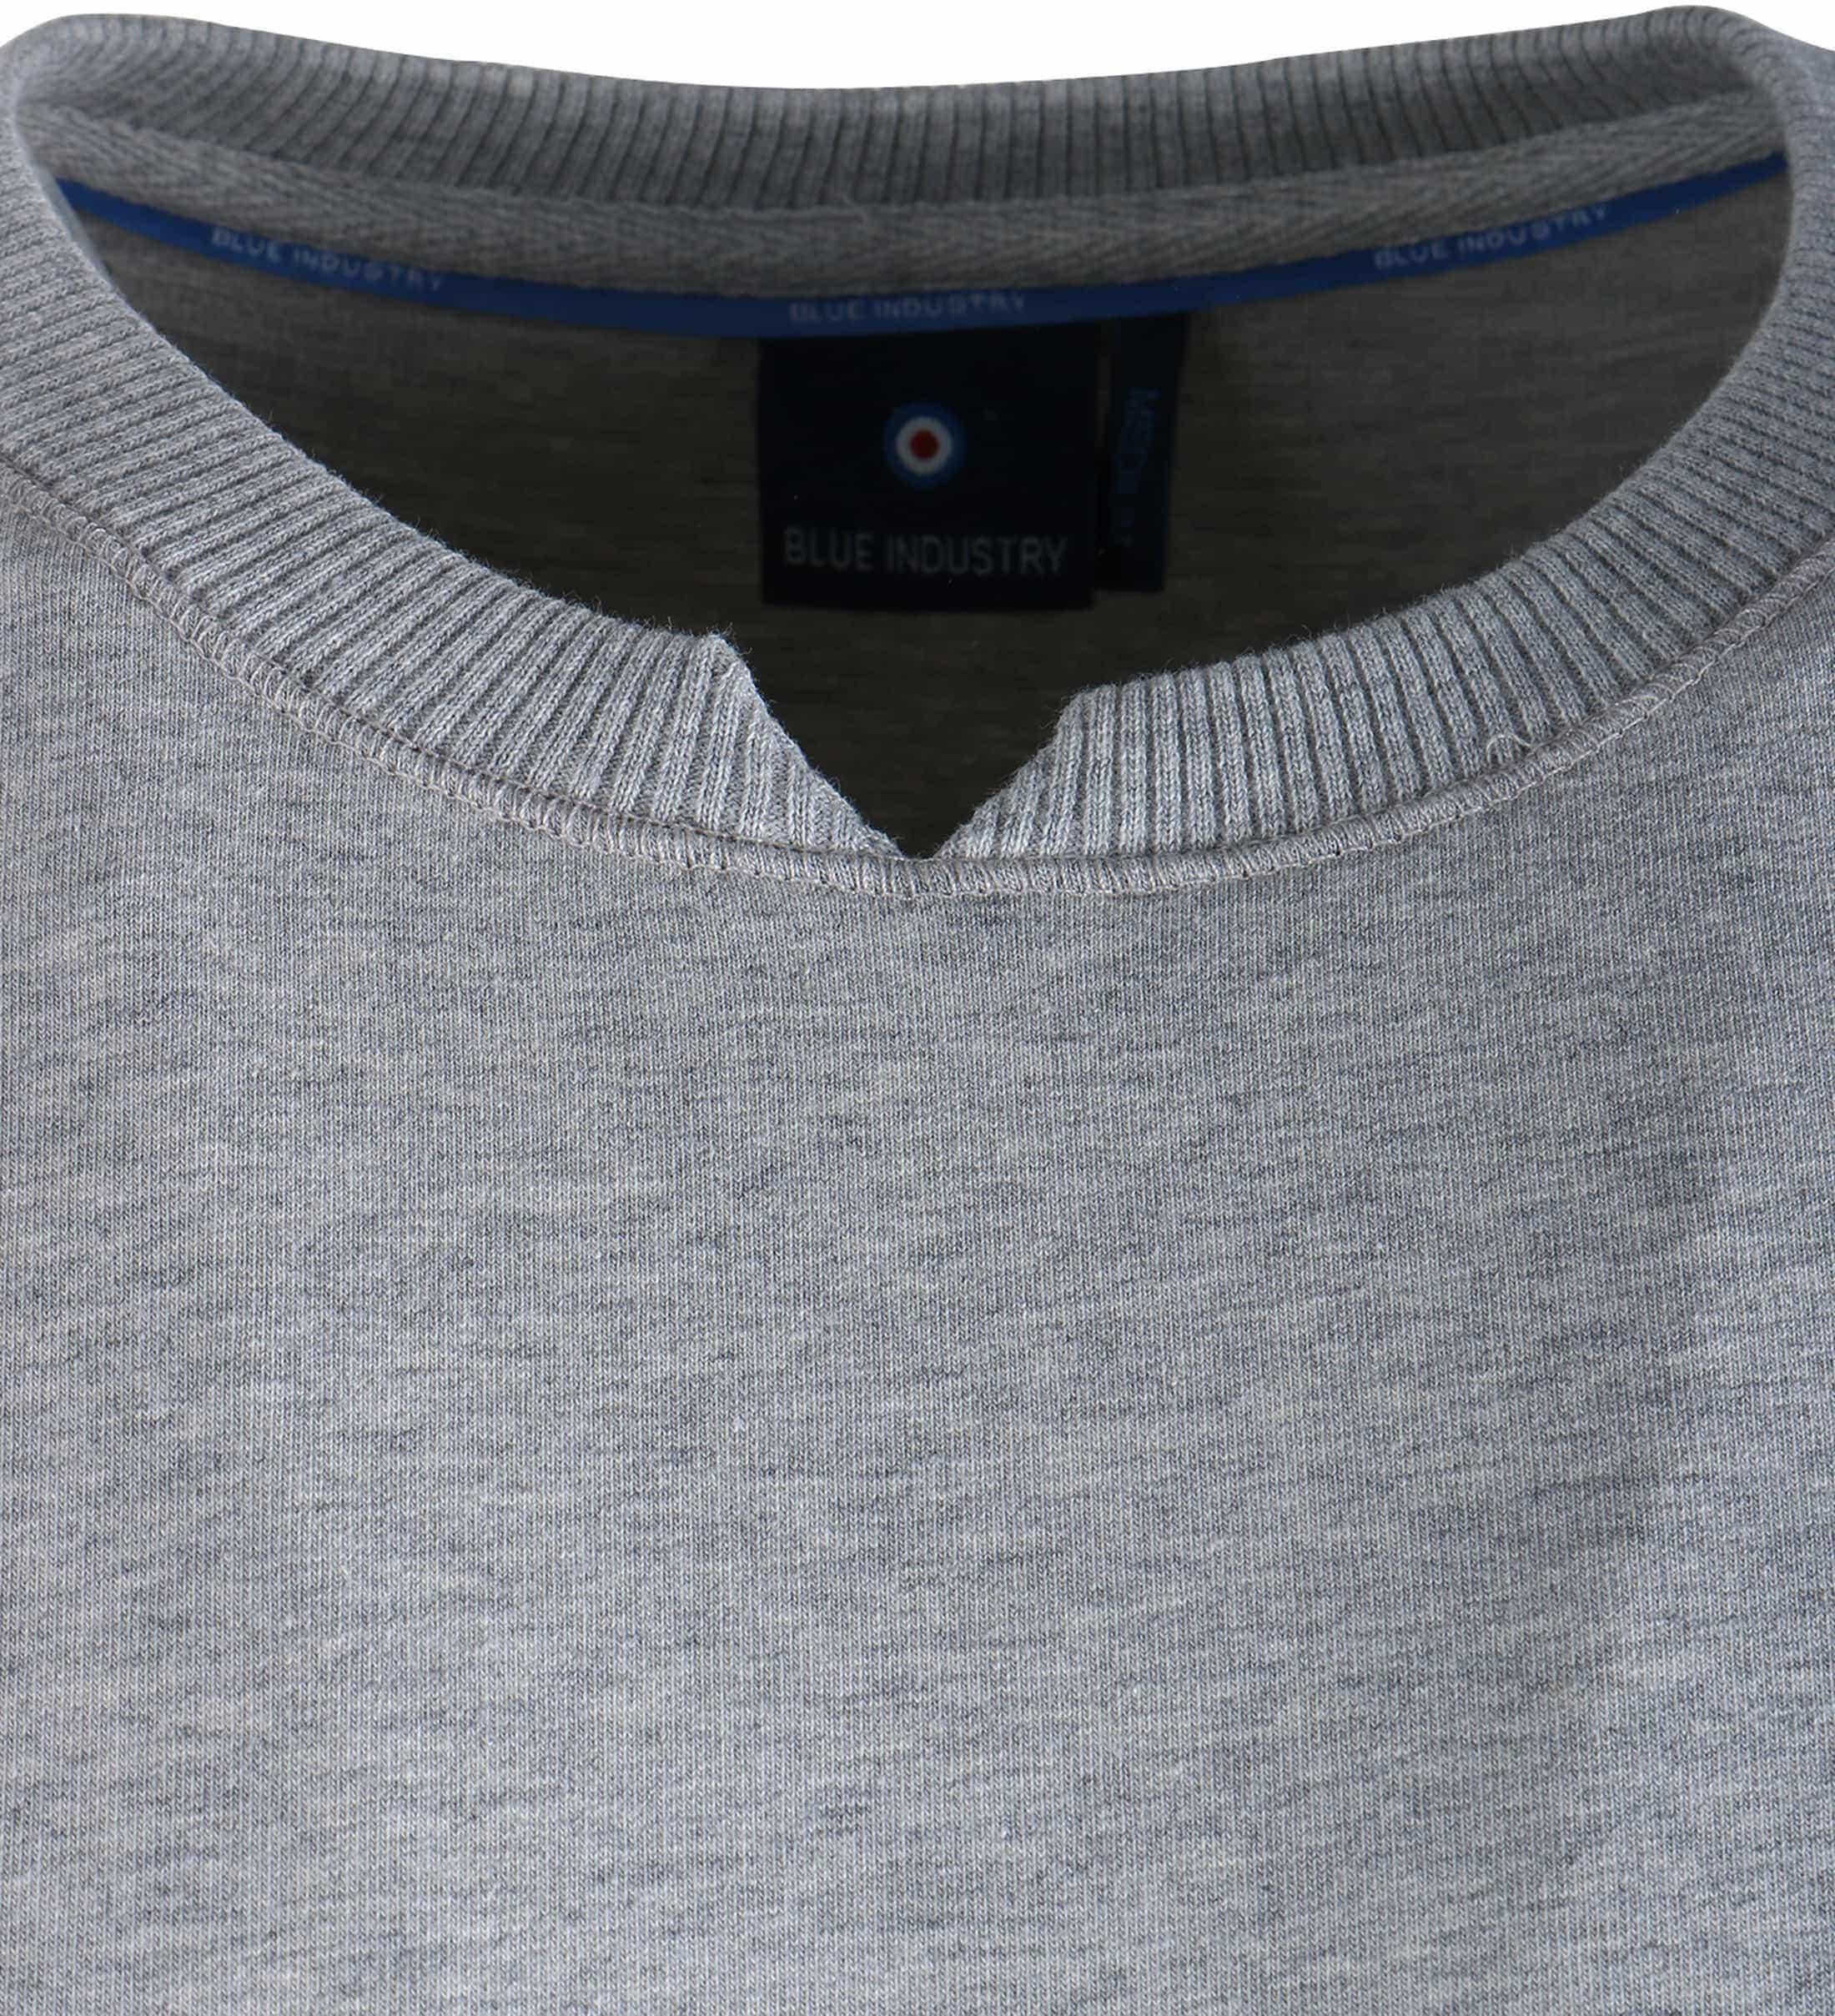 Blue Industry Sweater Grijs foto 3